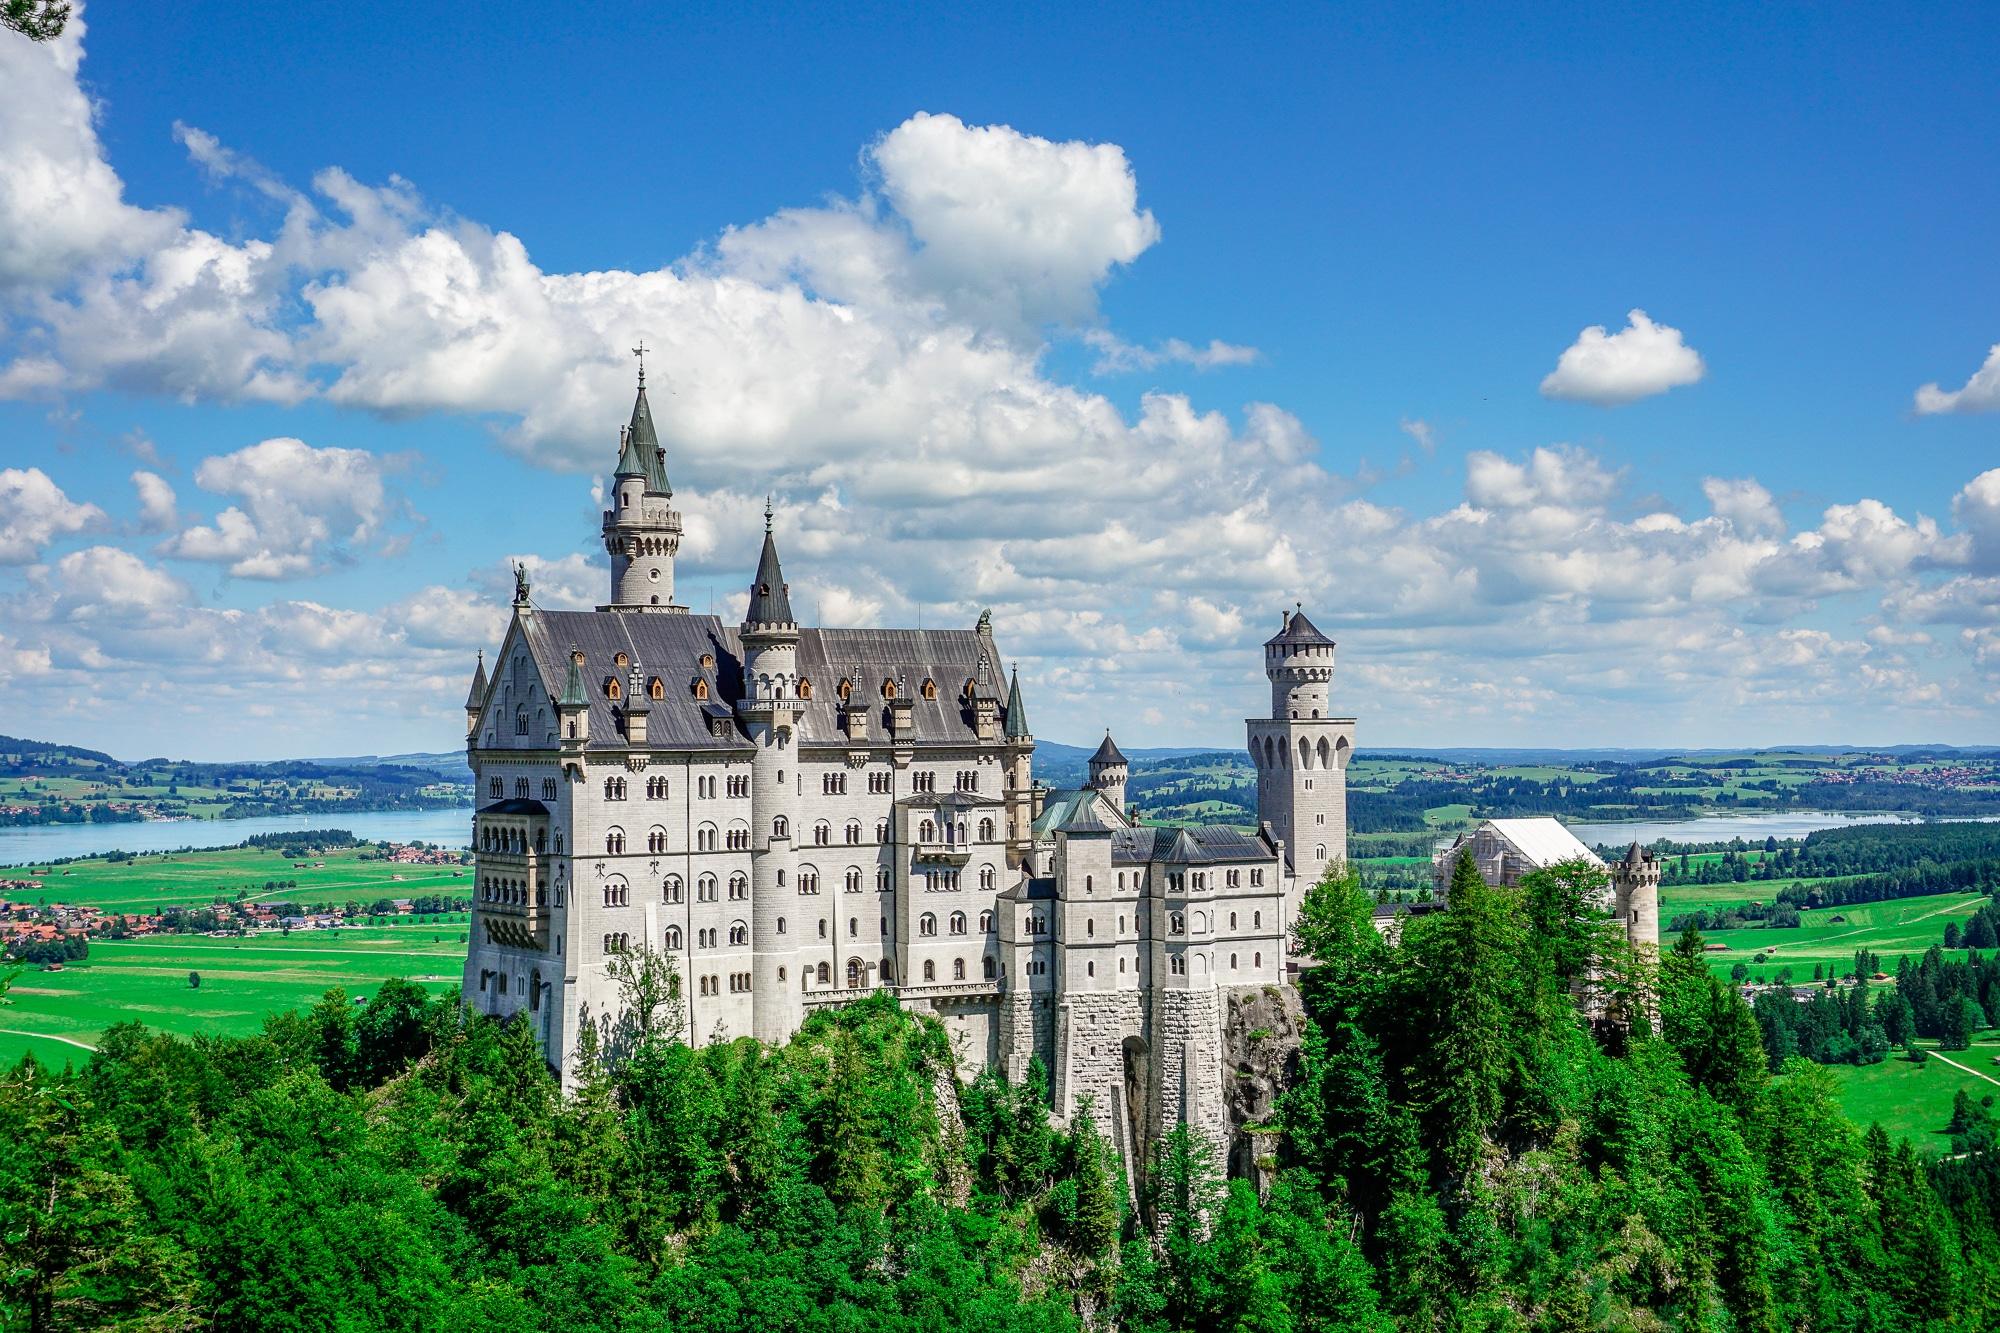 Füssen im Allgäu: Schloss Neuschwanstein, Mountainbiken und Wandern im Allgäu